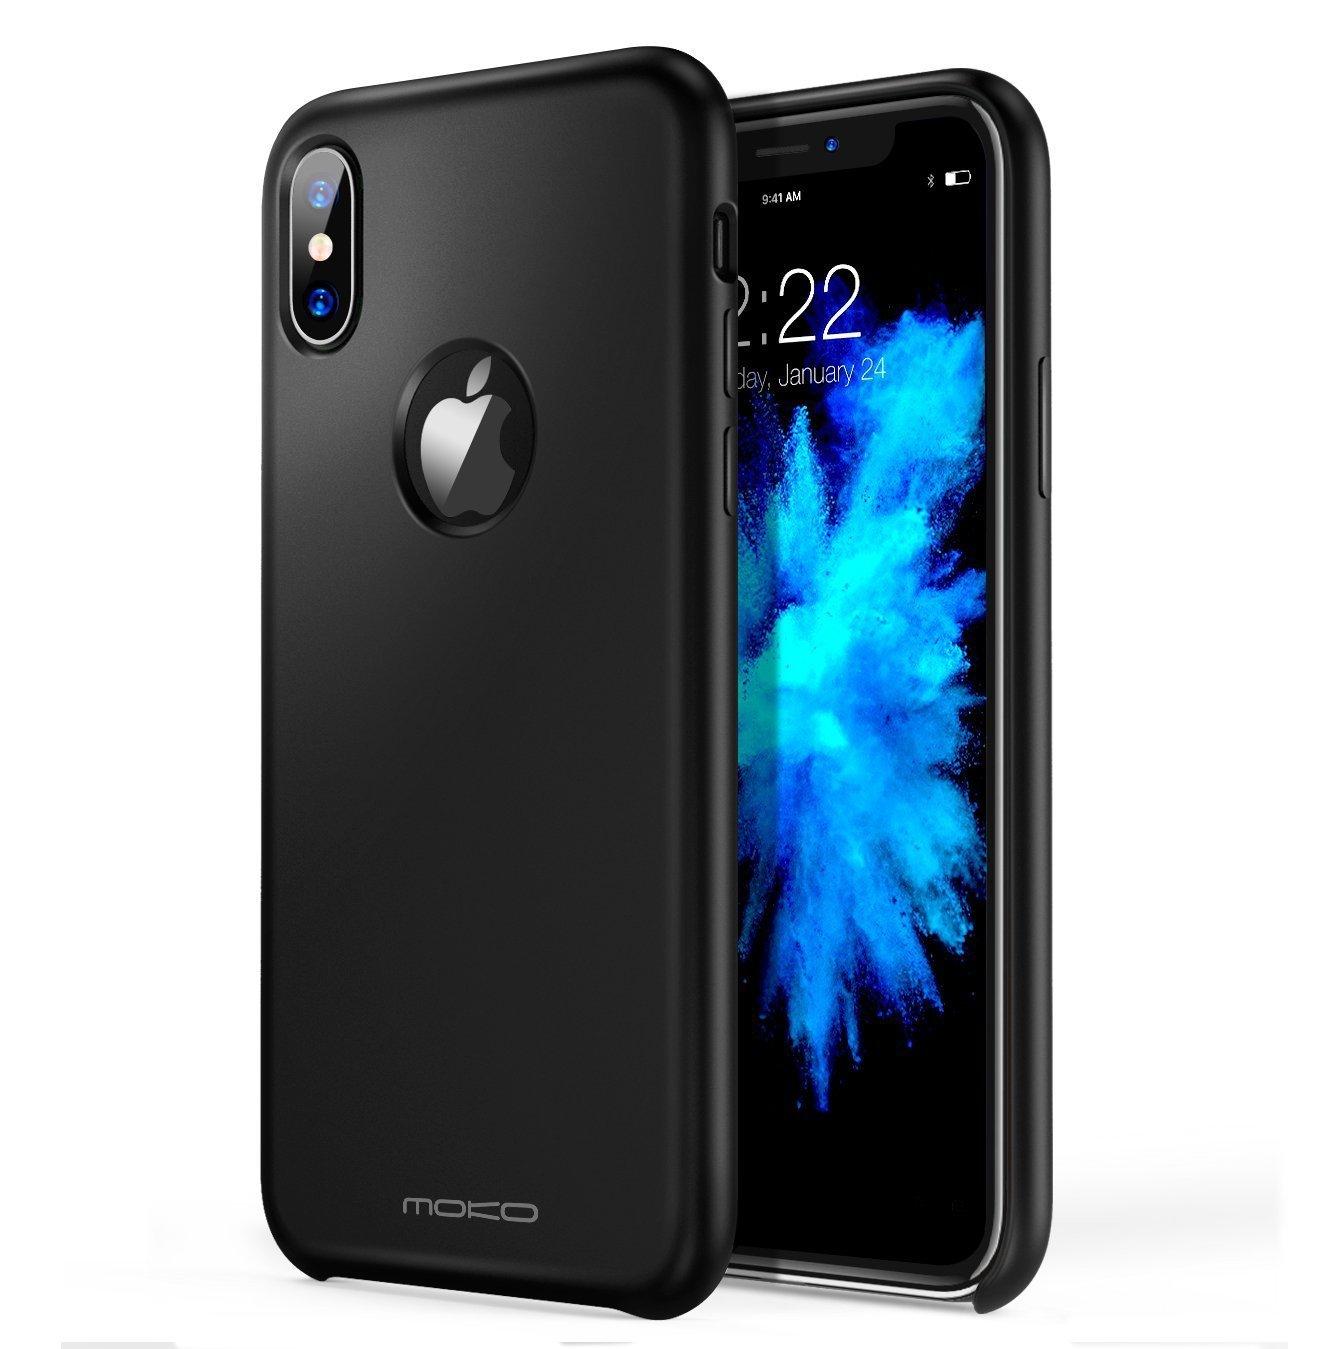 Mỹ MoKo Apple iPhone, điện thoại di động hệ vỏ bảo vệ iPhoneX/iPhone10 x x chớt nhả vỏ táo silica ge